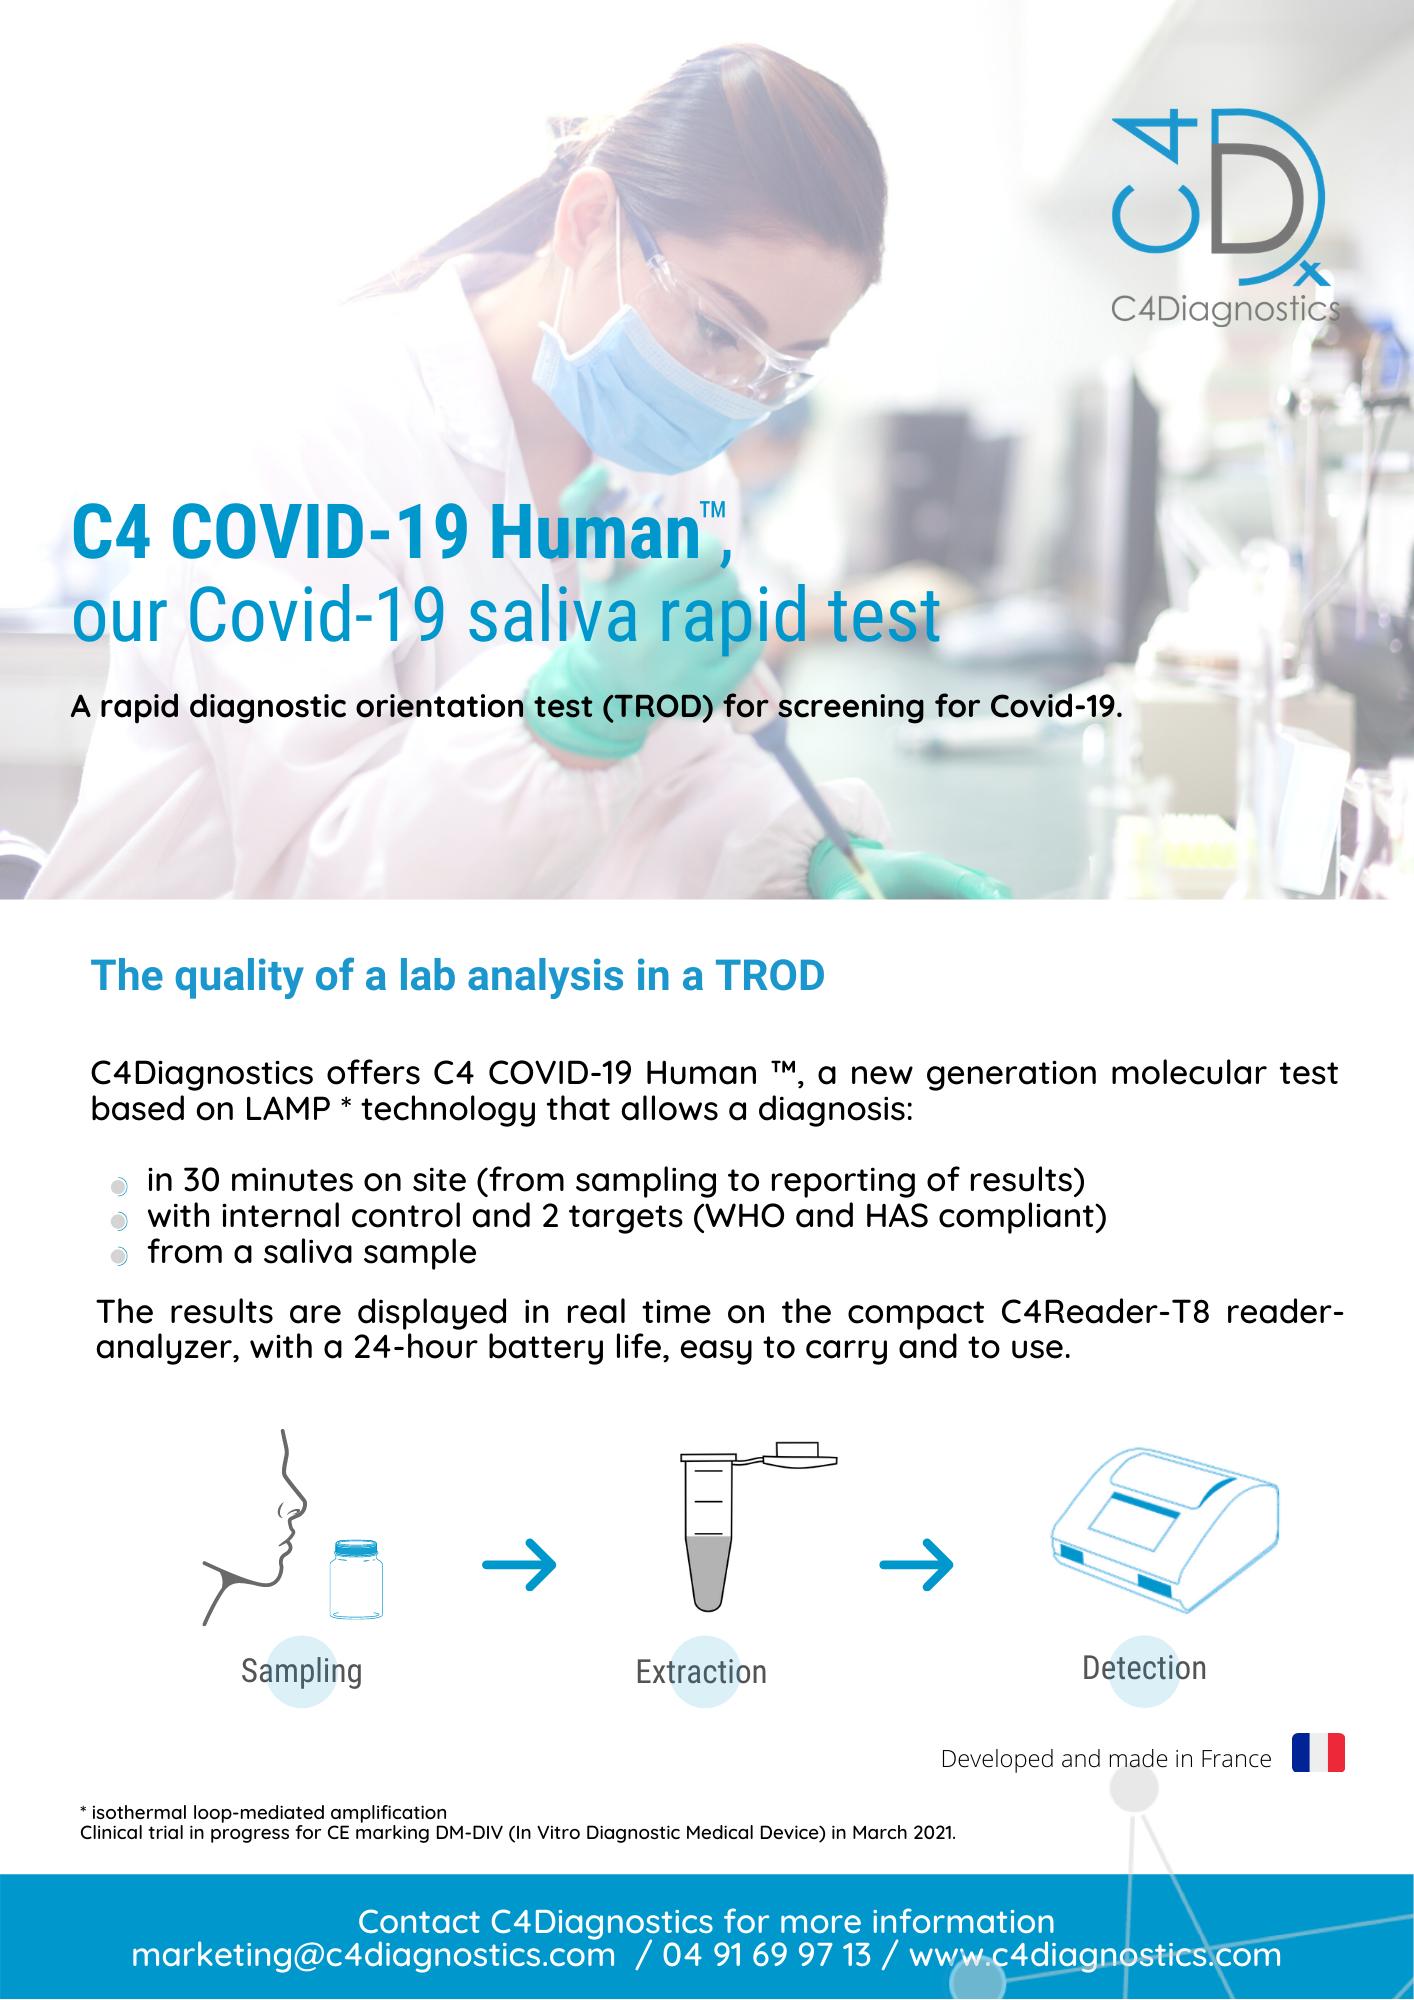 C4 Covid-19 Human by C4Diagnostics